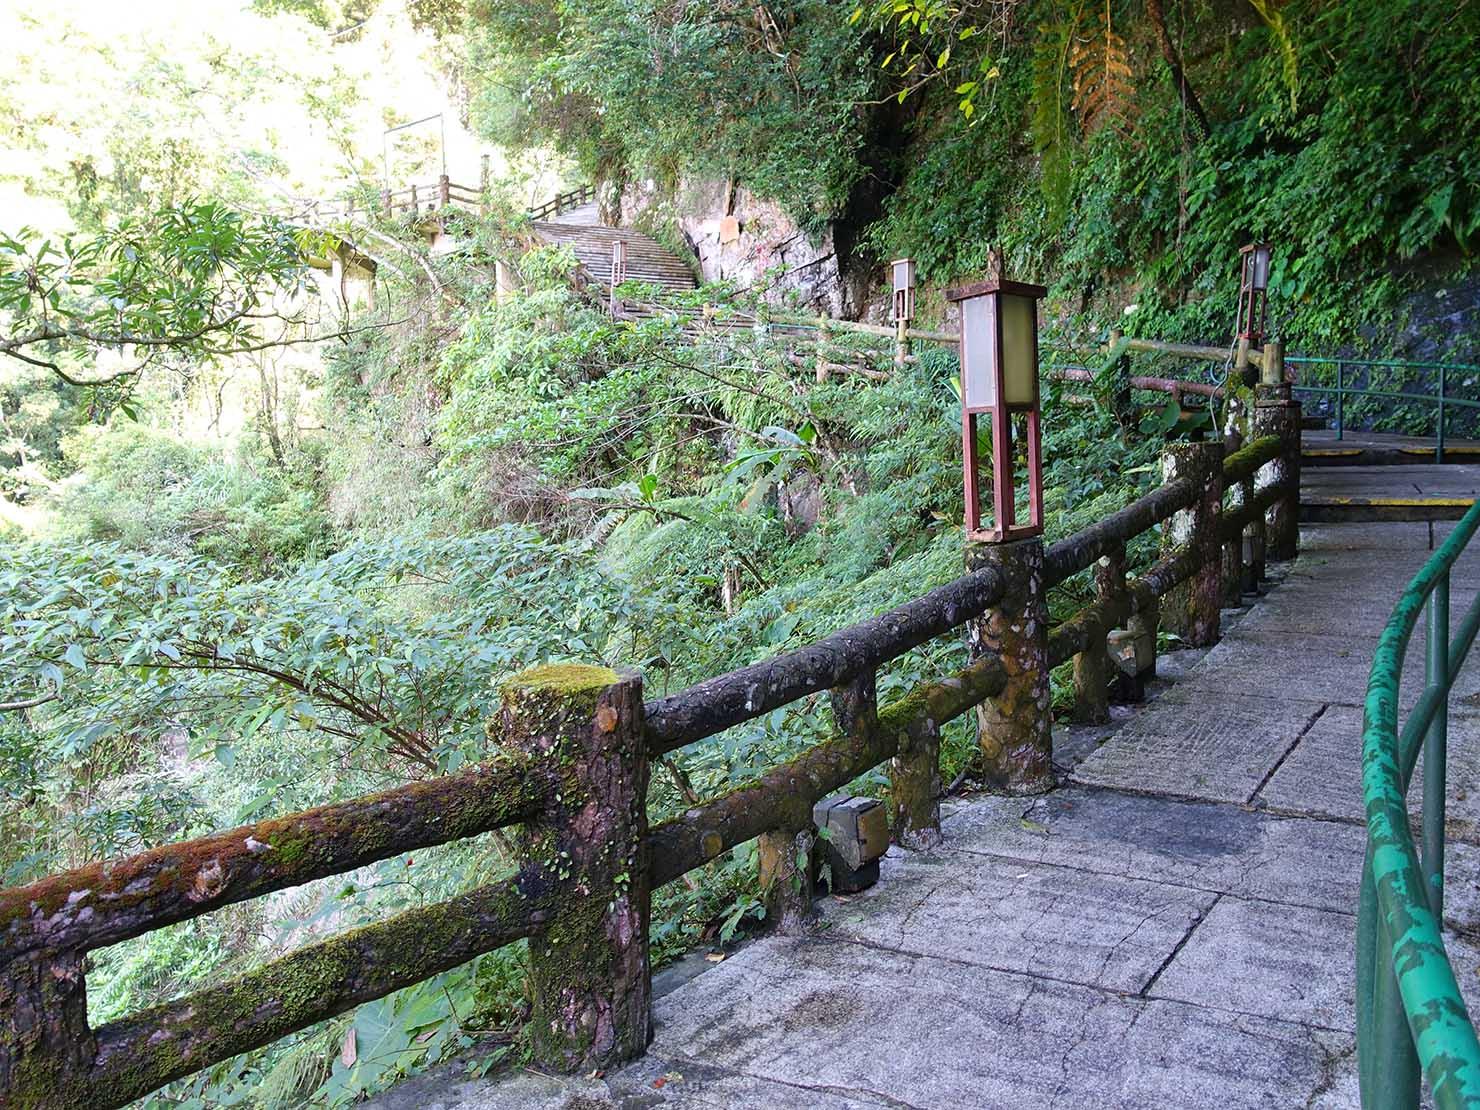 台北・烏來温泉から行けるテーマパーク「雲仙樂園」へと続く長い階段